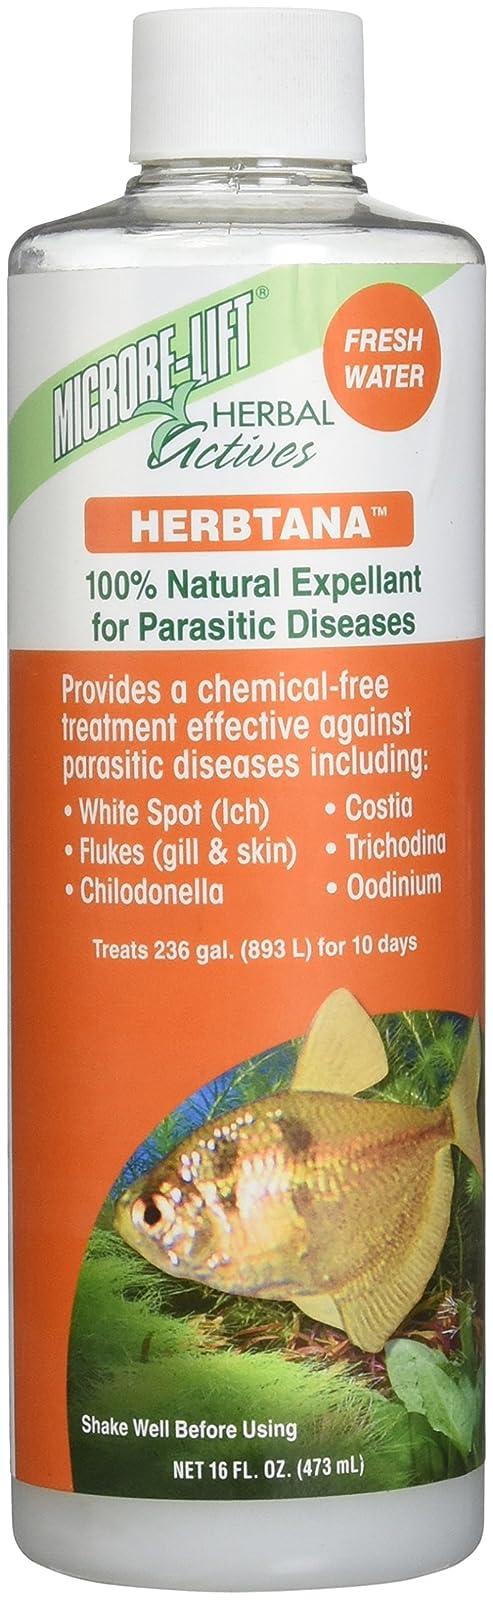 Ecological Labs AEL20912 Microbe Lift Herbtana Fresh 971046 - 1